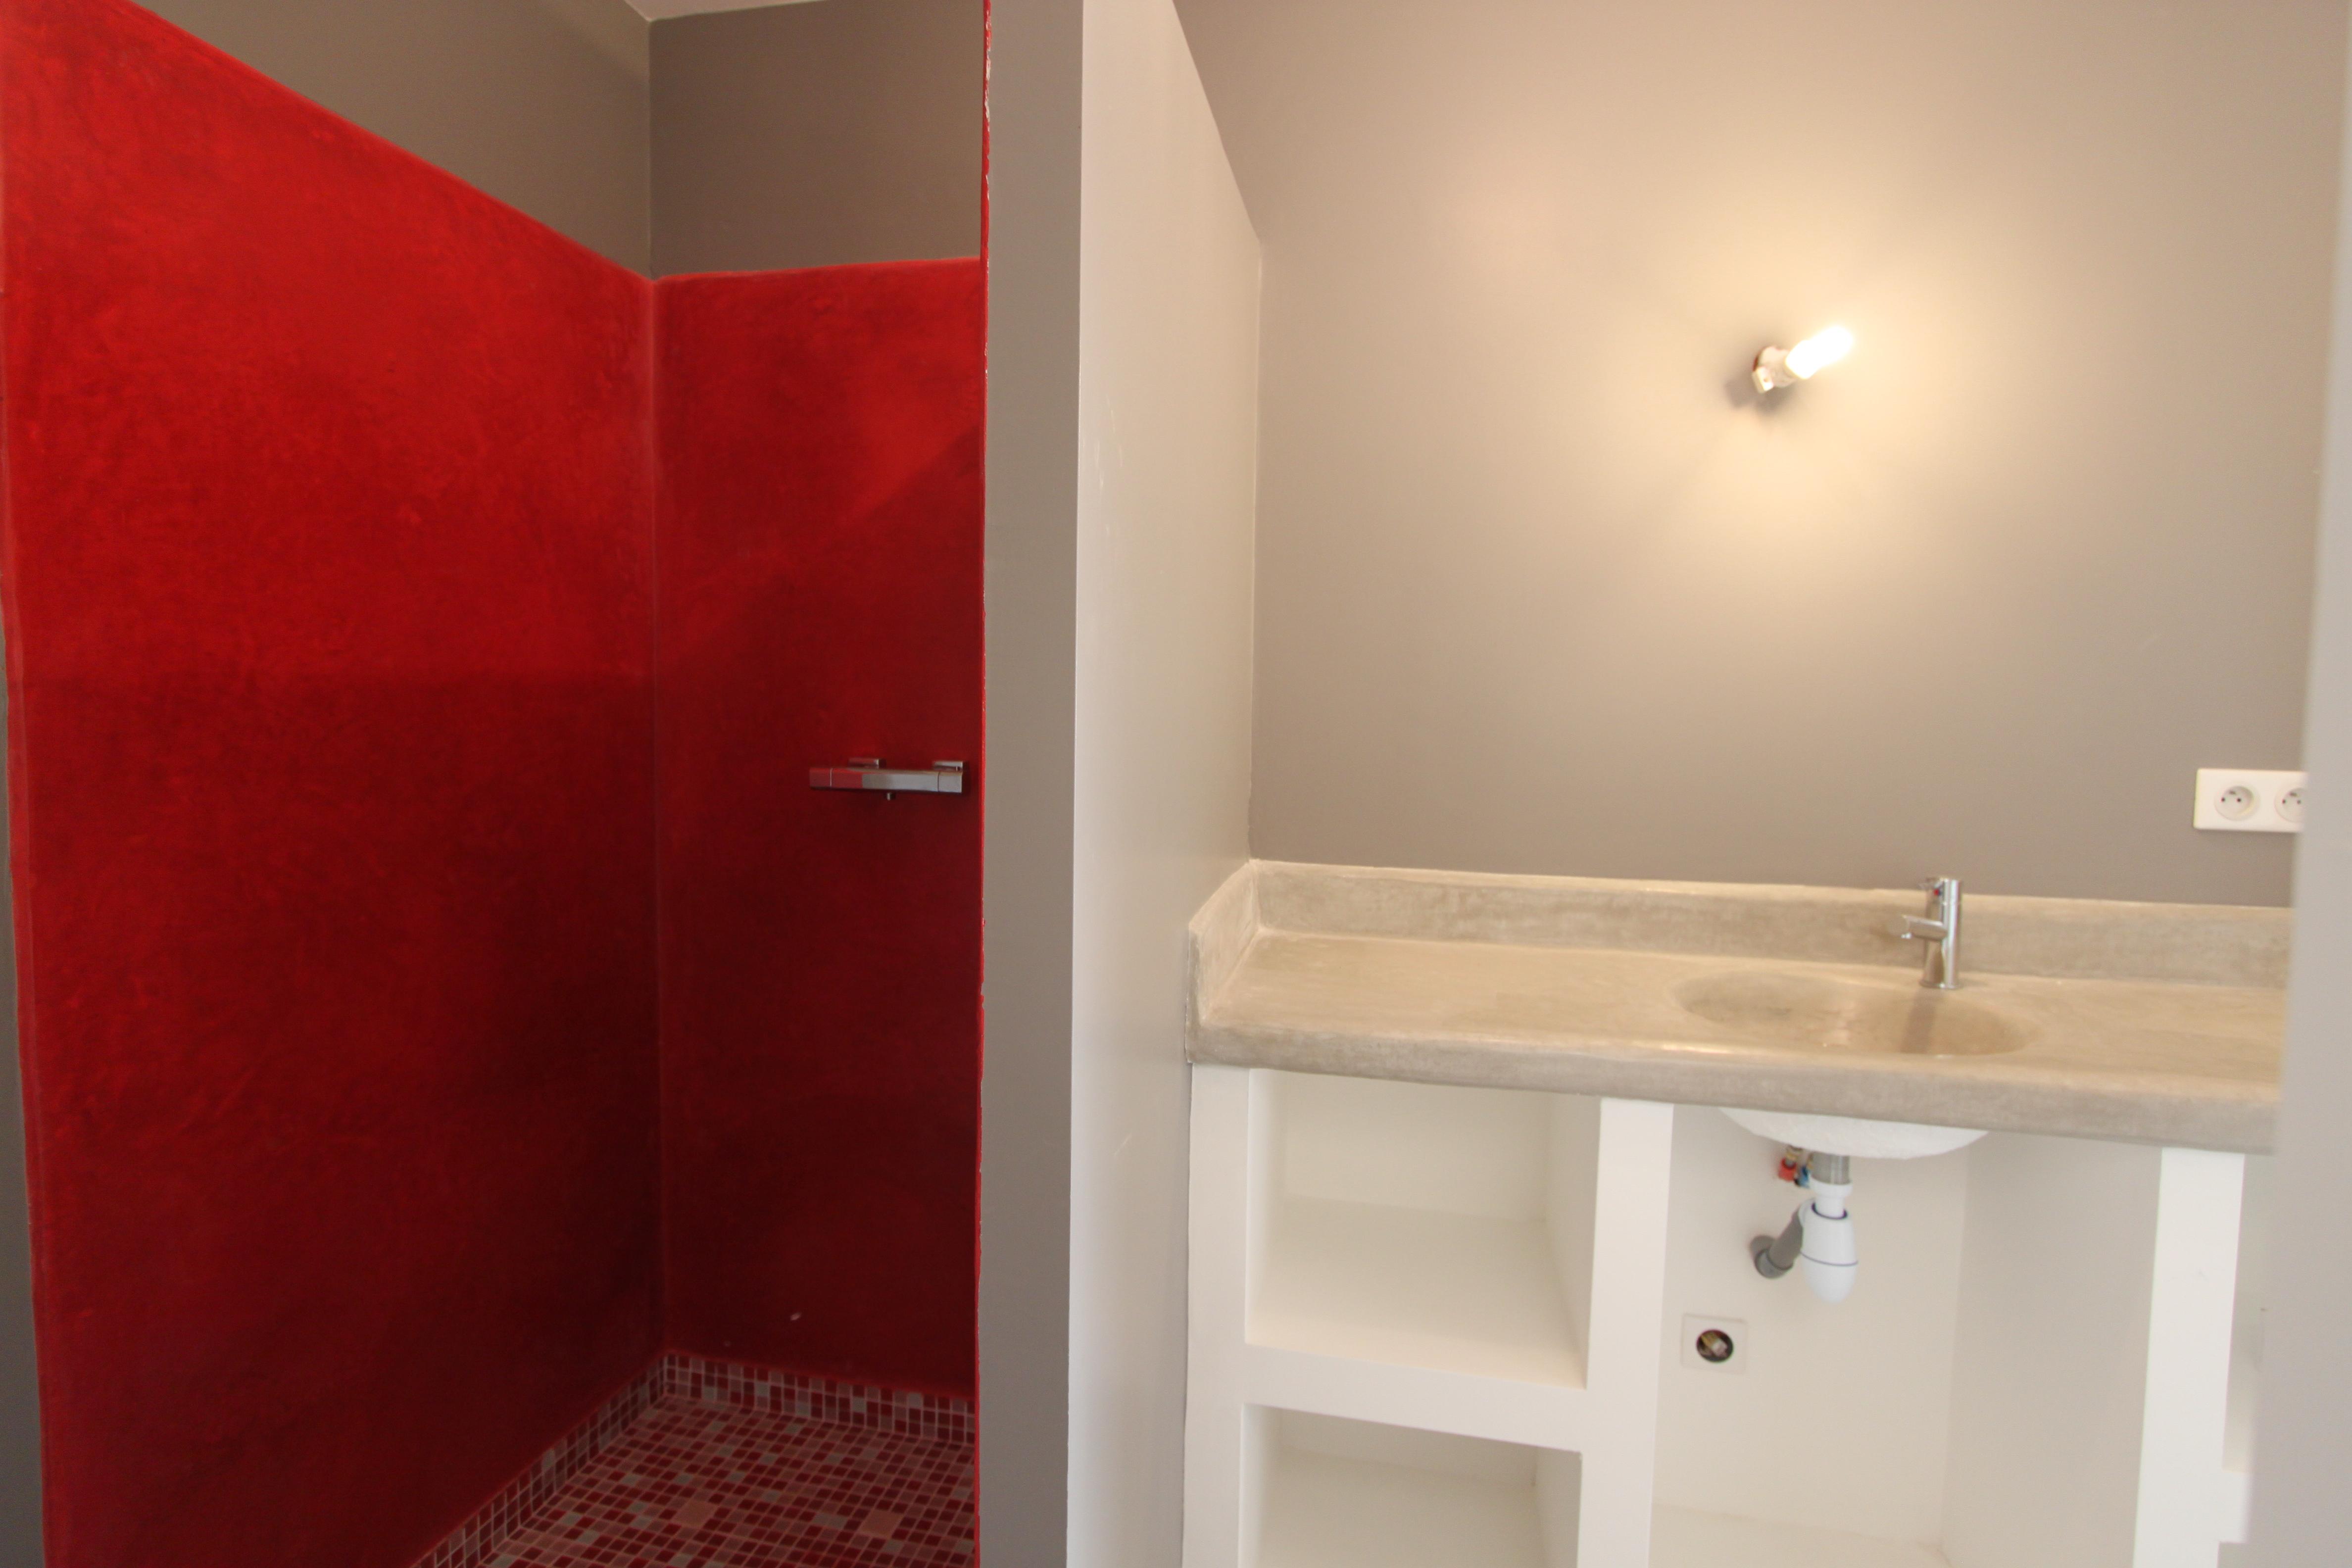 Salle de bain avec douche à l'italienne et vasque en tadelackt ...